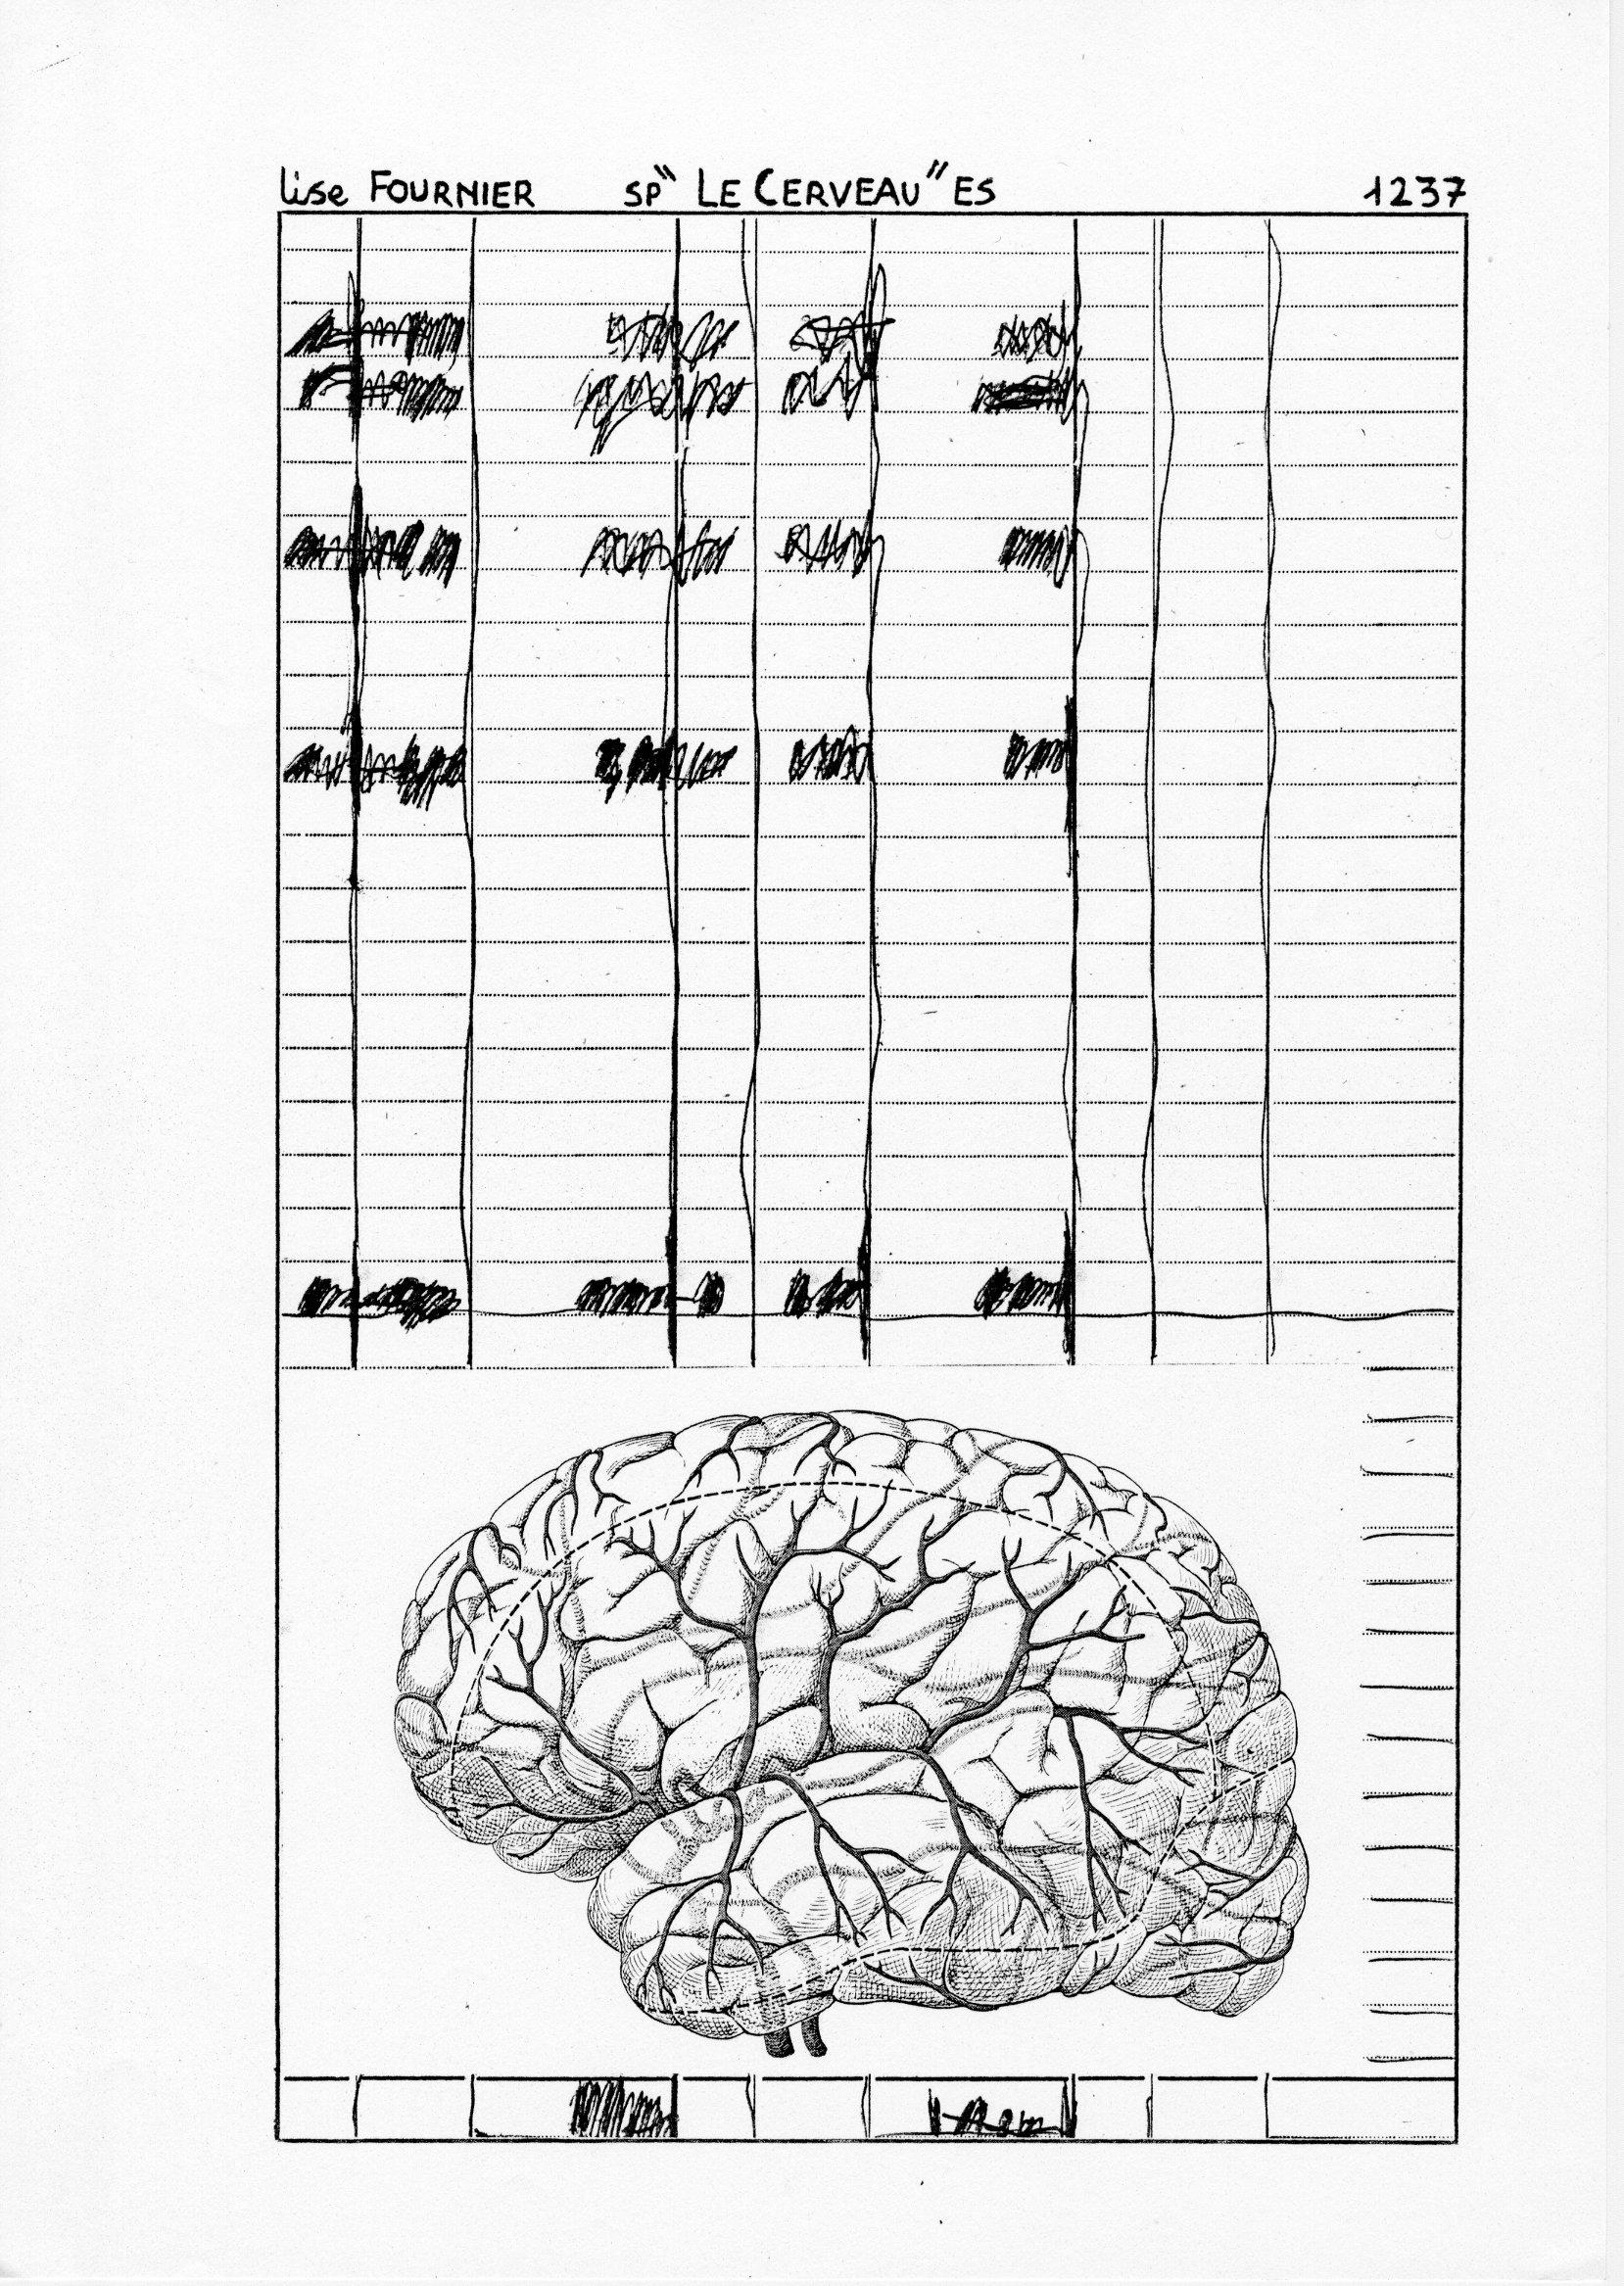 page 1237 L. Fournier SP -LE CERVEAU- ES